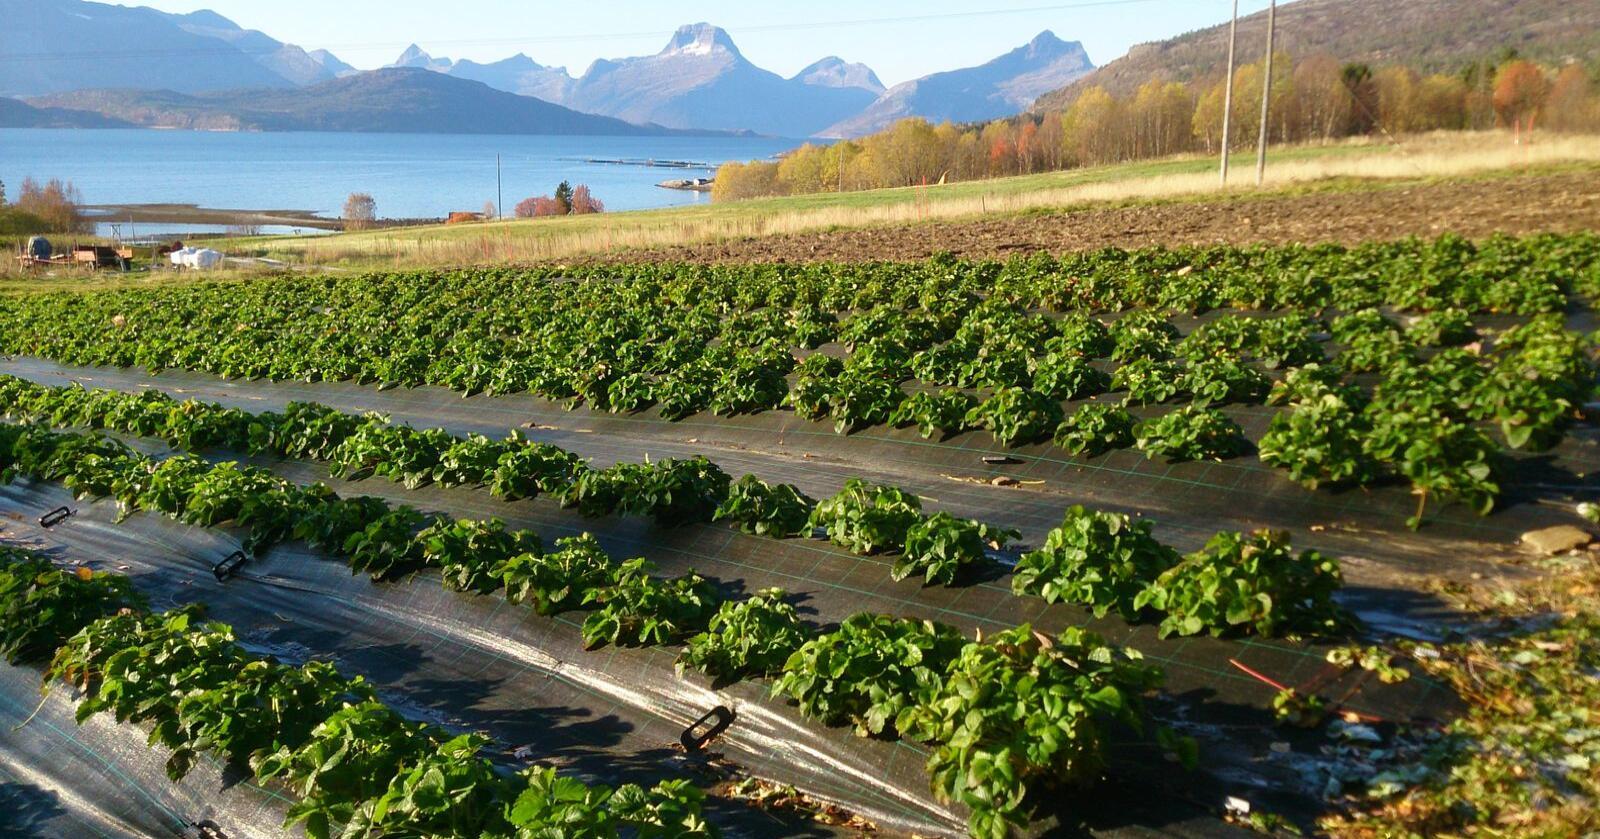 Merpris: Bondelagets grøntutvalg håper at det kan tas ut en merpris overalt der det er kostnadsøkning. På bildet sees jordbærproduksjon i Straumen, Nordland. (Foto: Borghild Winjan)